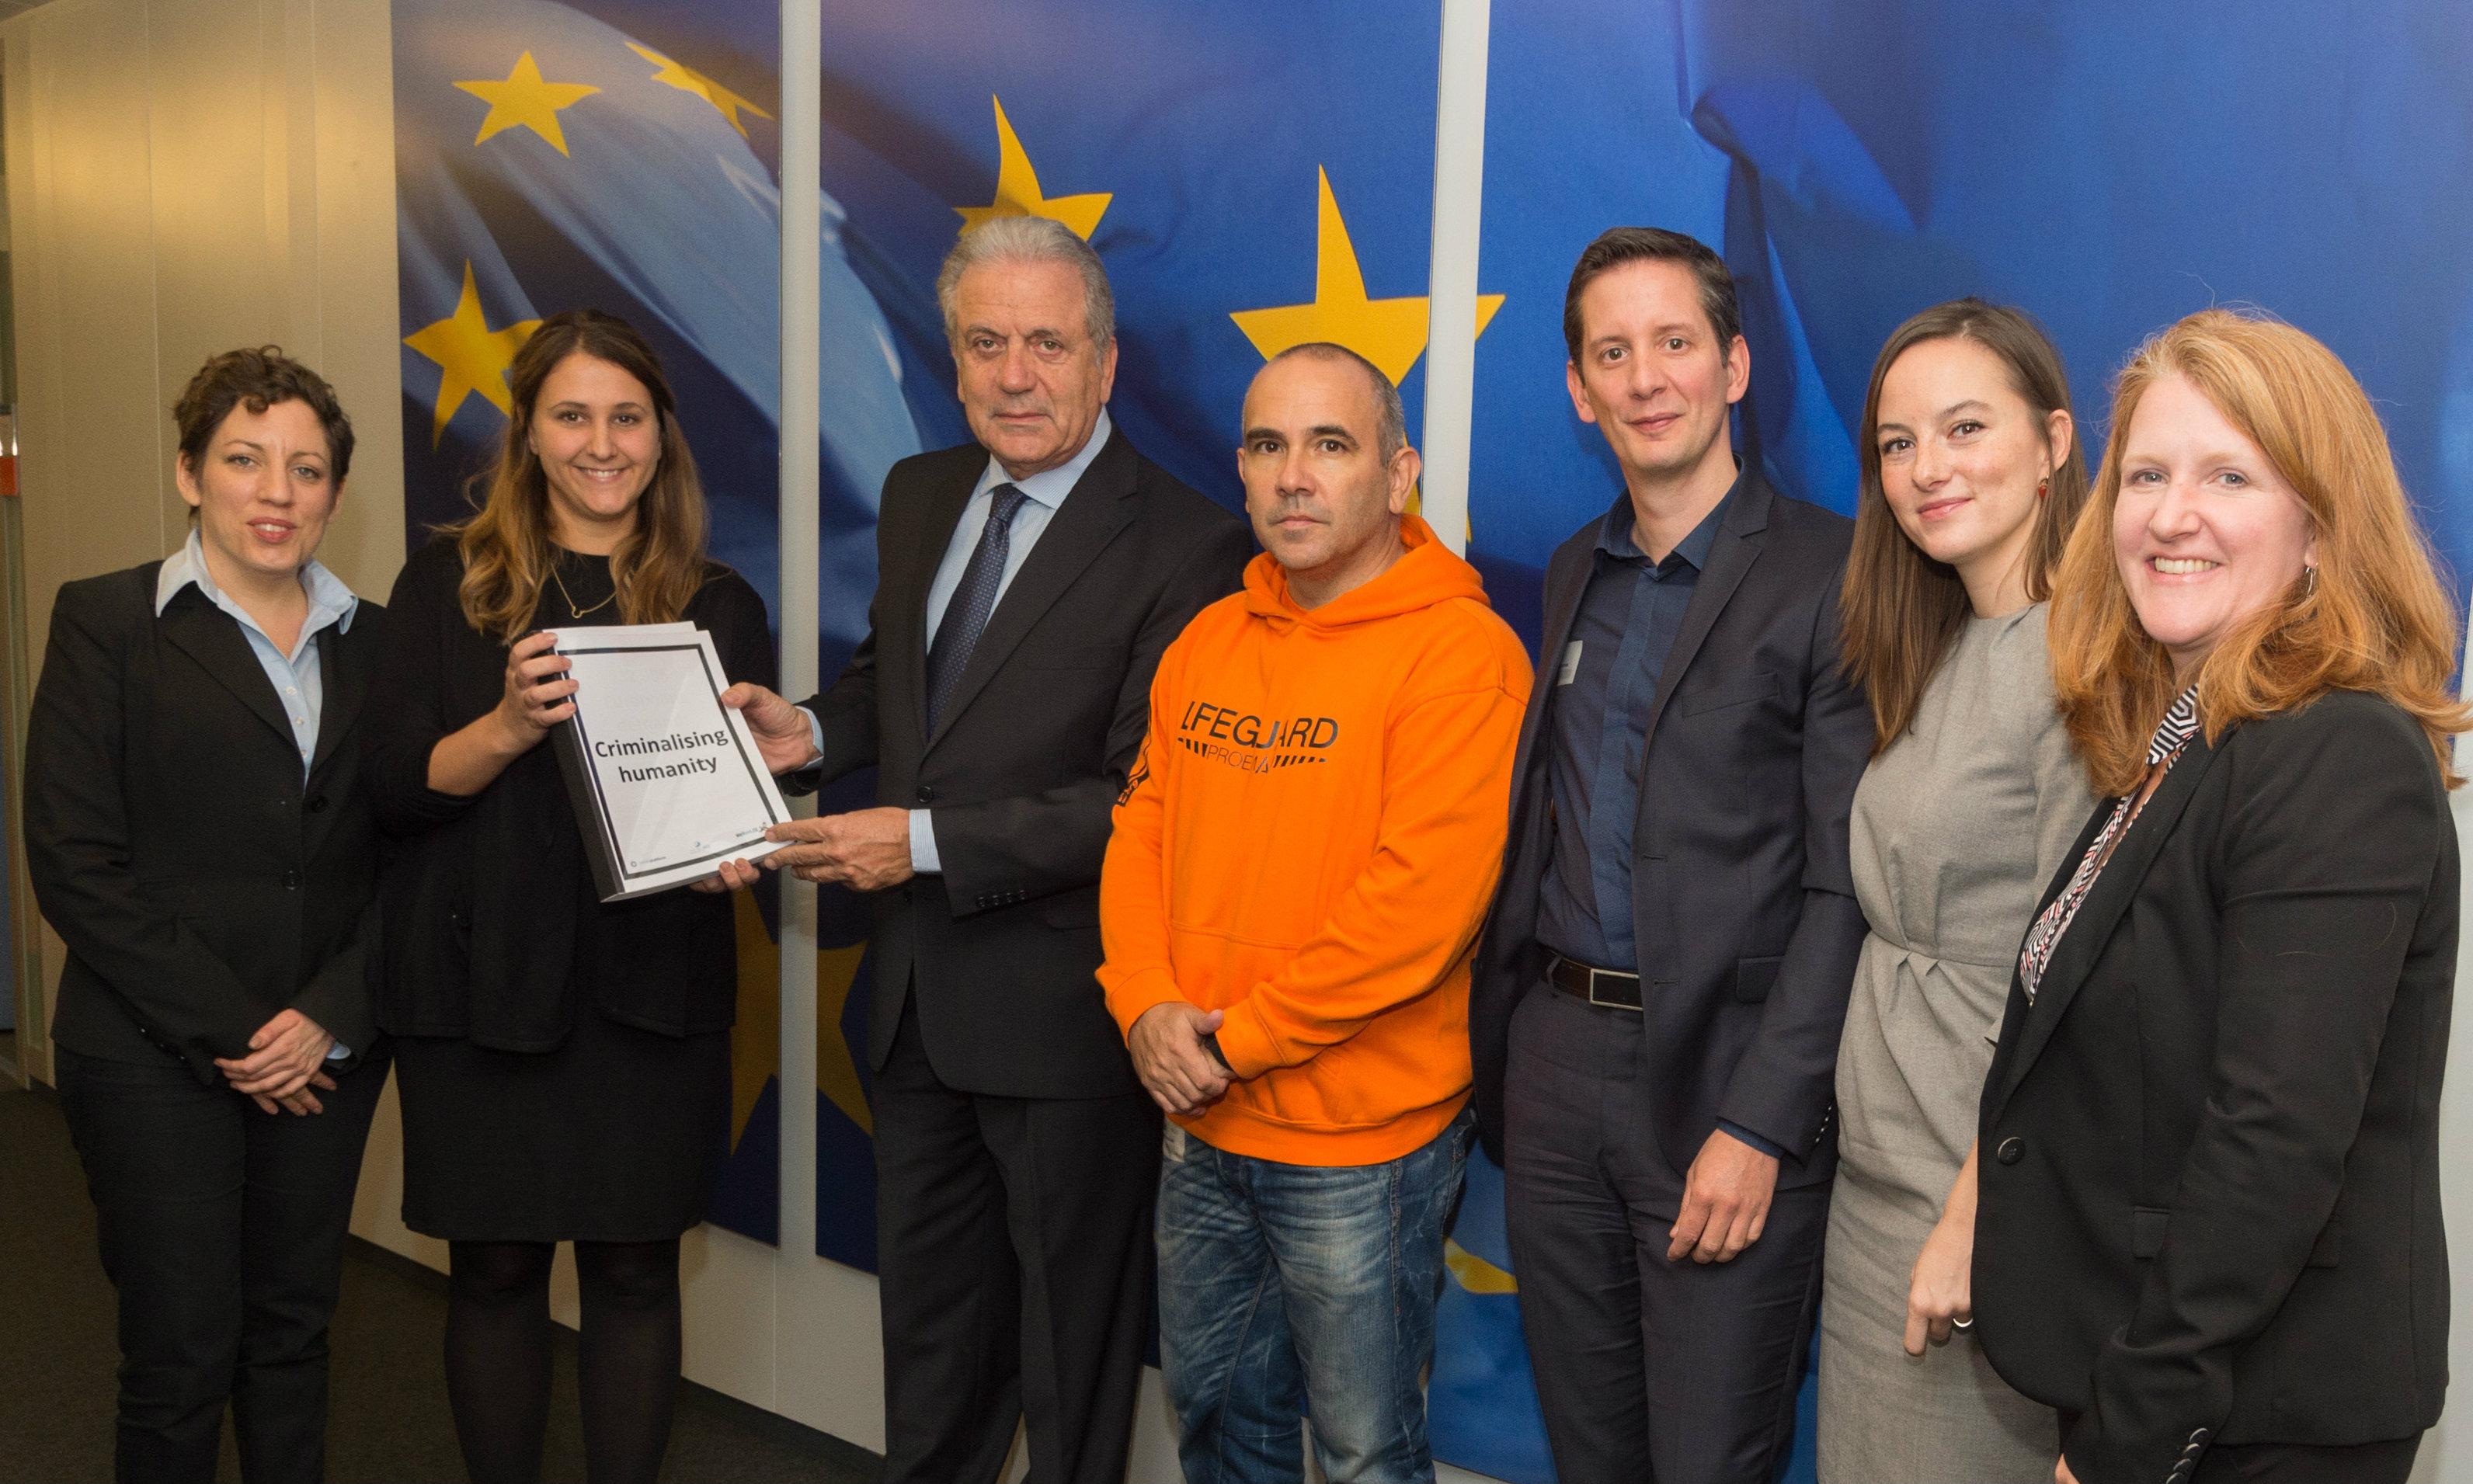 Campaignerin Olga Vuković (2. von links) und Manuel Blanco (4. v.l.) bei Kommissar Avramopoulos (3. v.l.).